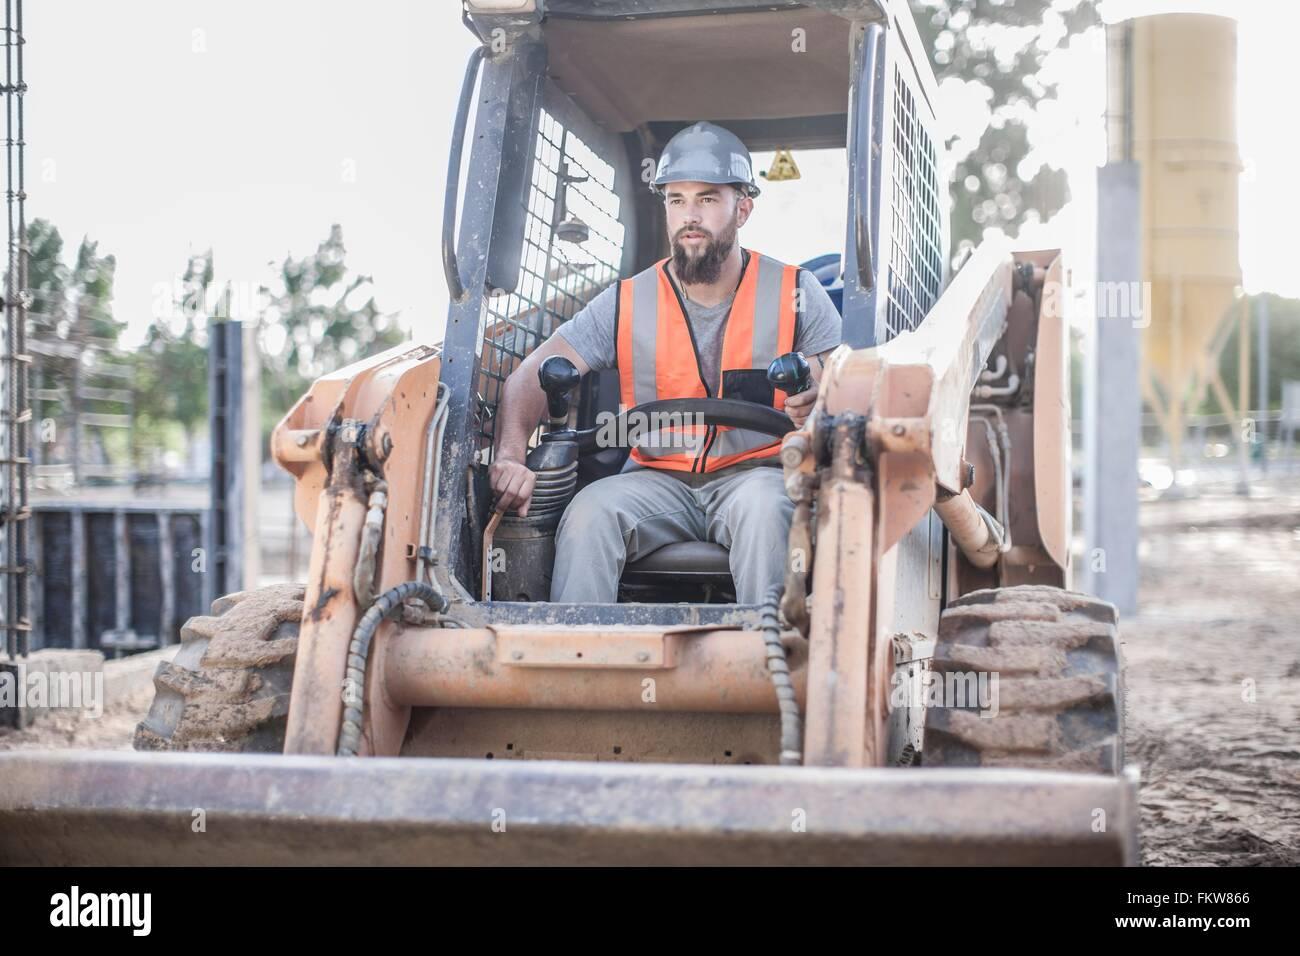 Builder fahren Bagger auf der Baustelle Stockbild